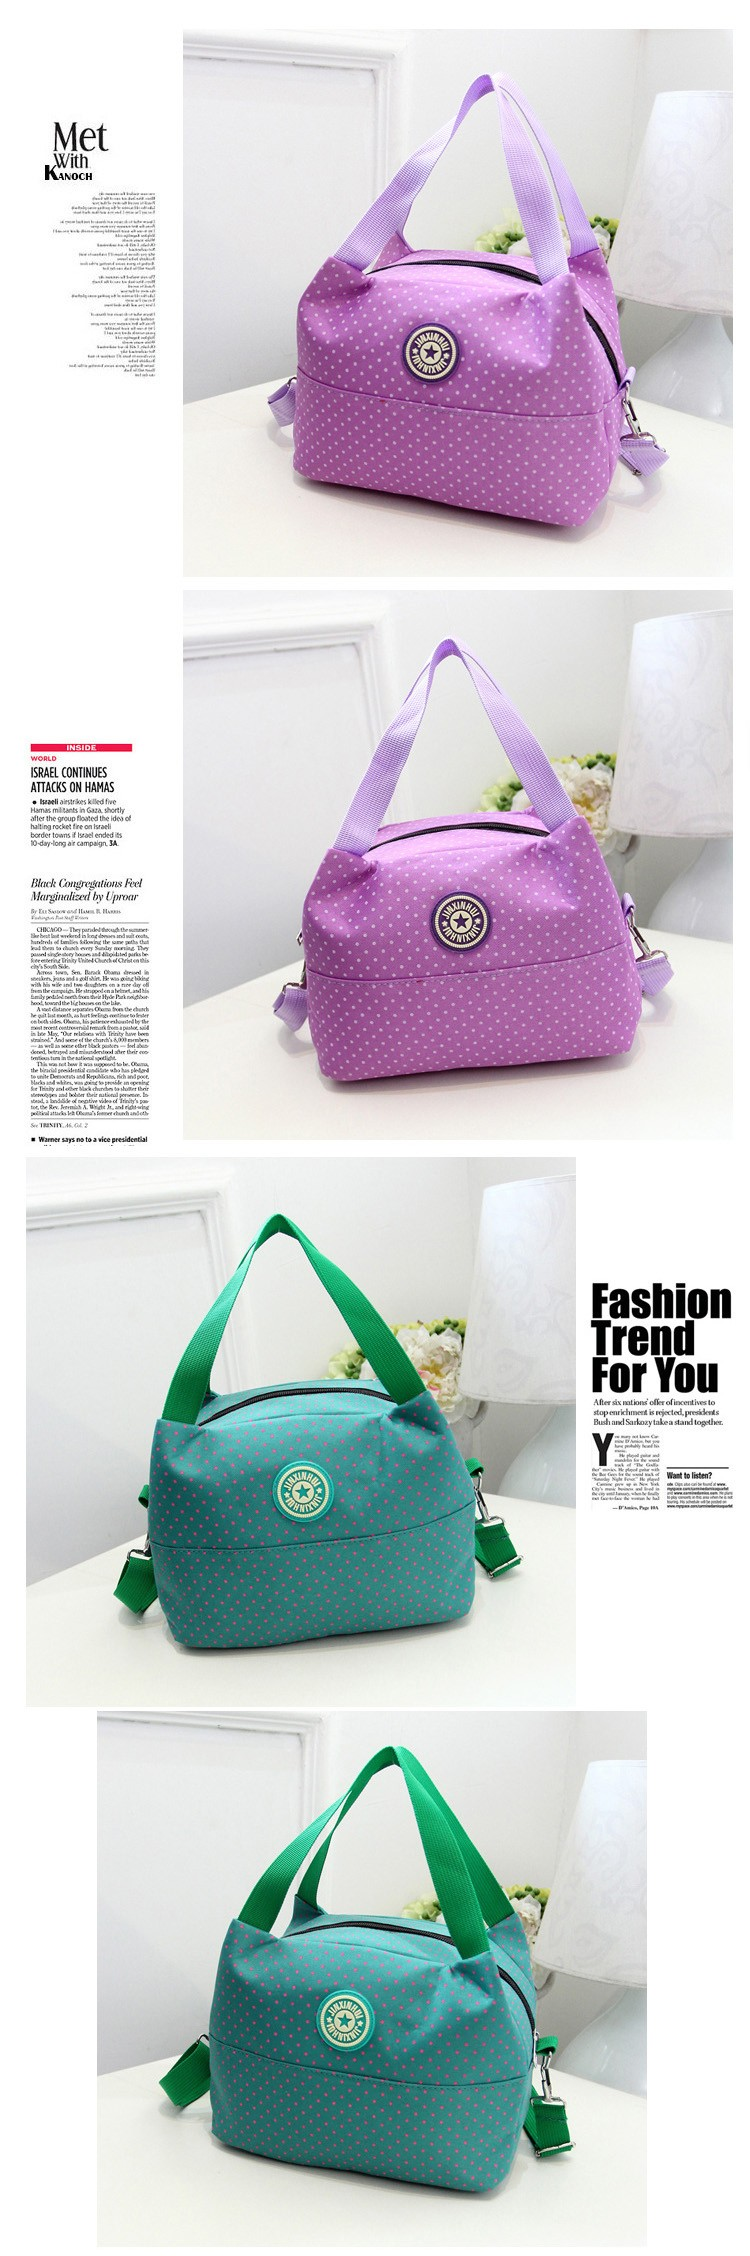 2016 Famous Brands Women Bag Polka Dot Shoulder Bag Ladies Big Canvas Bag Tote Waterproof Women'S Messenger Bags Bolsa Feminina